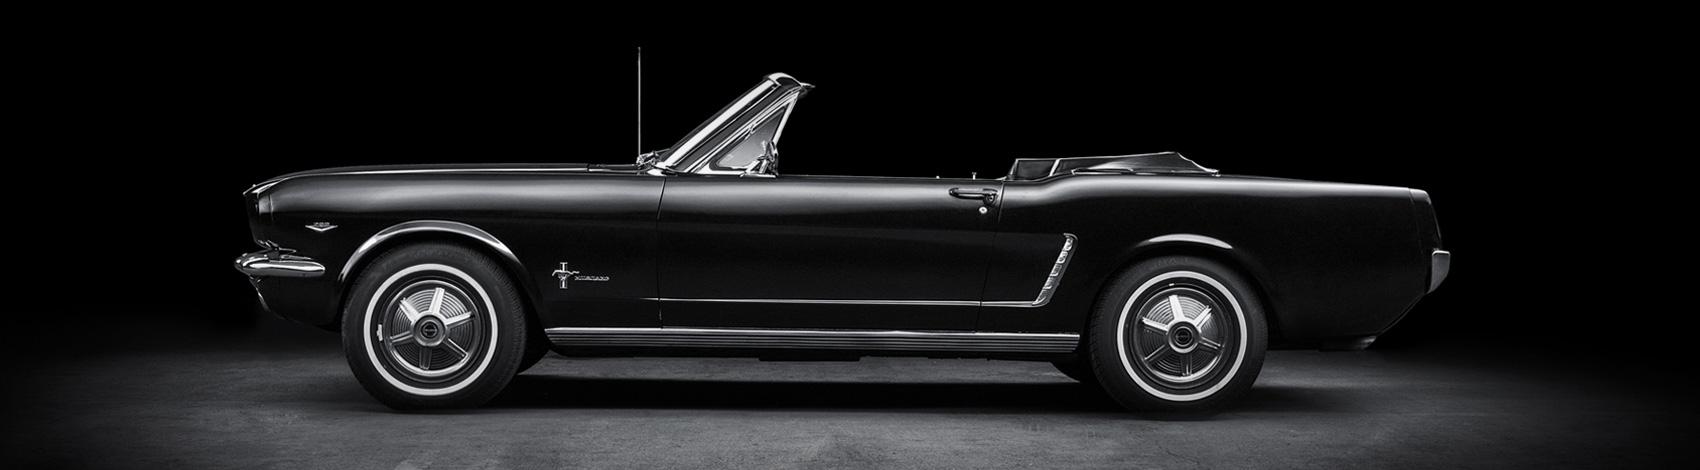 Slider_Ford_Mustang_Cabrio_klar_web